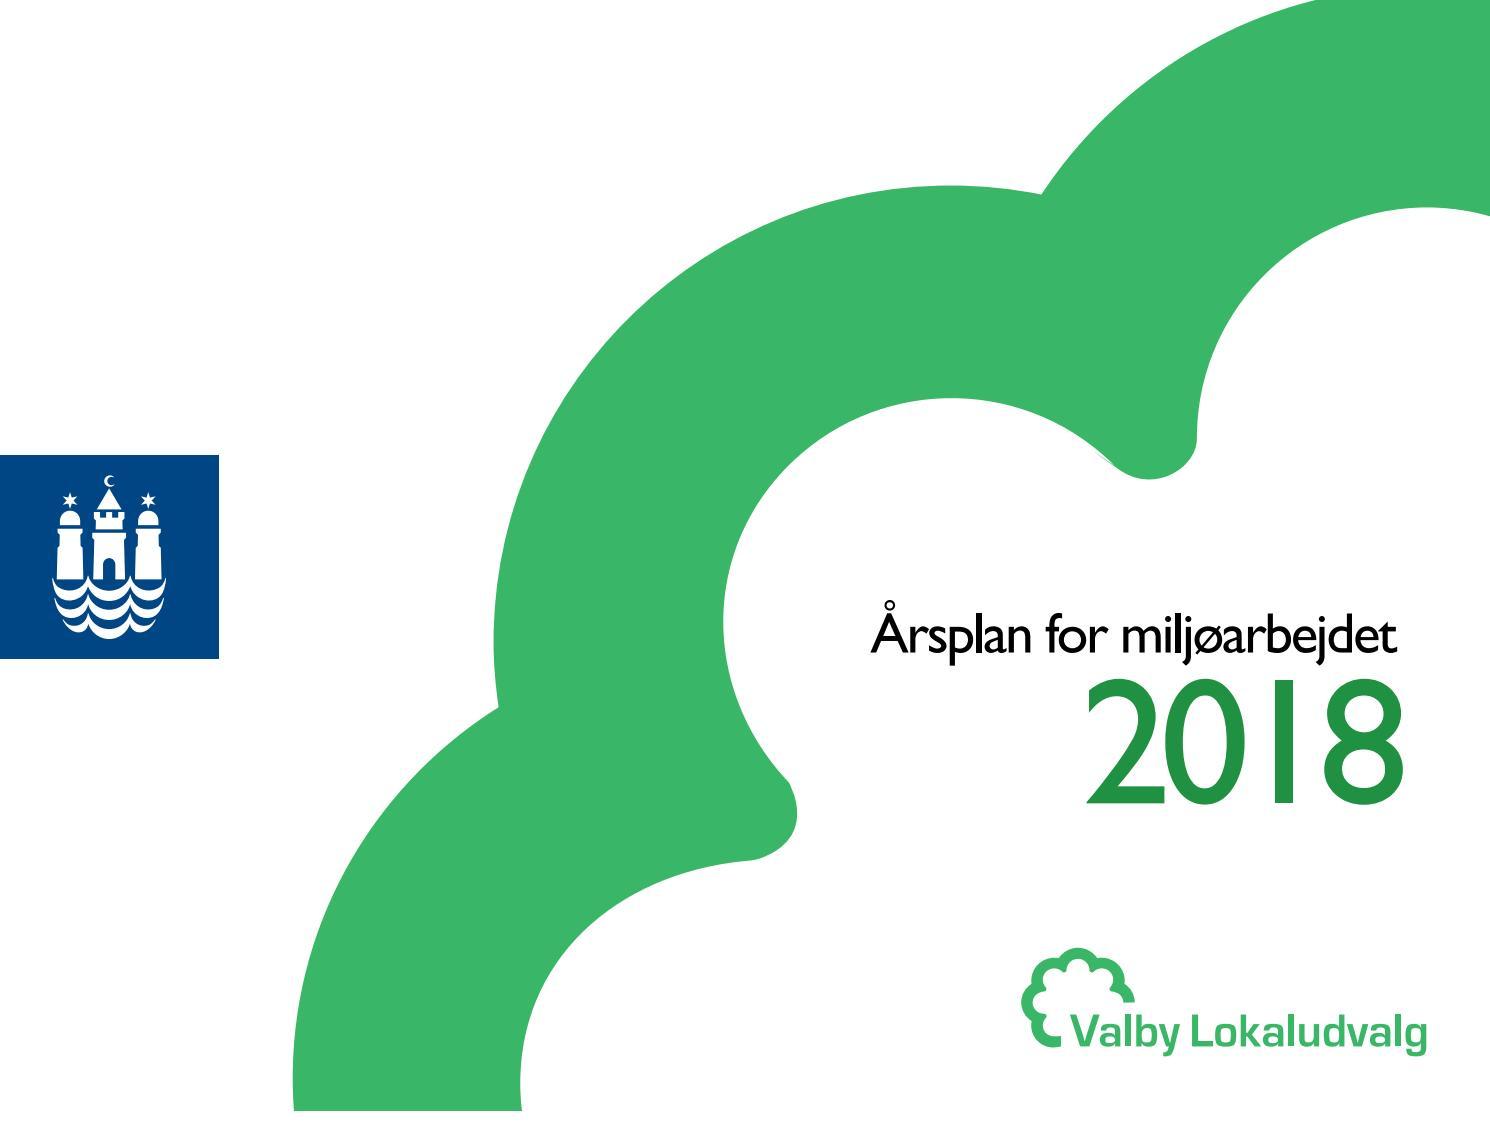 årsplan For Det Lokale Miljøarbejde I Valby 2018 By Valby